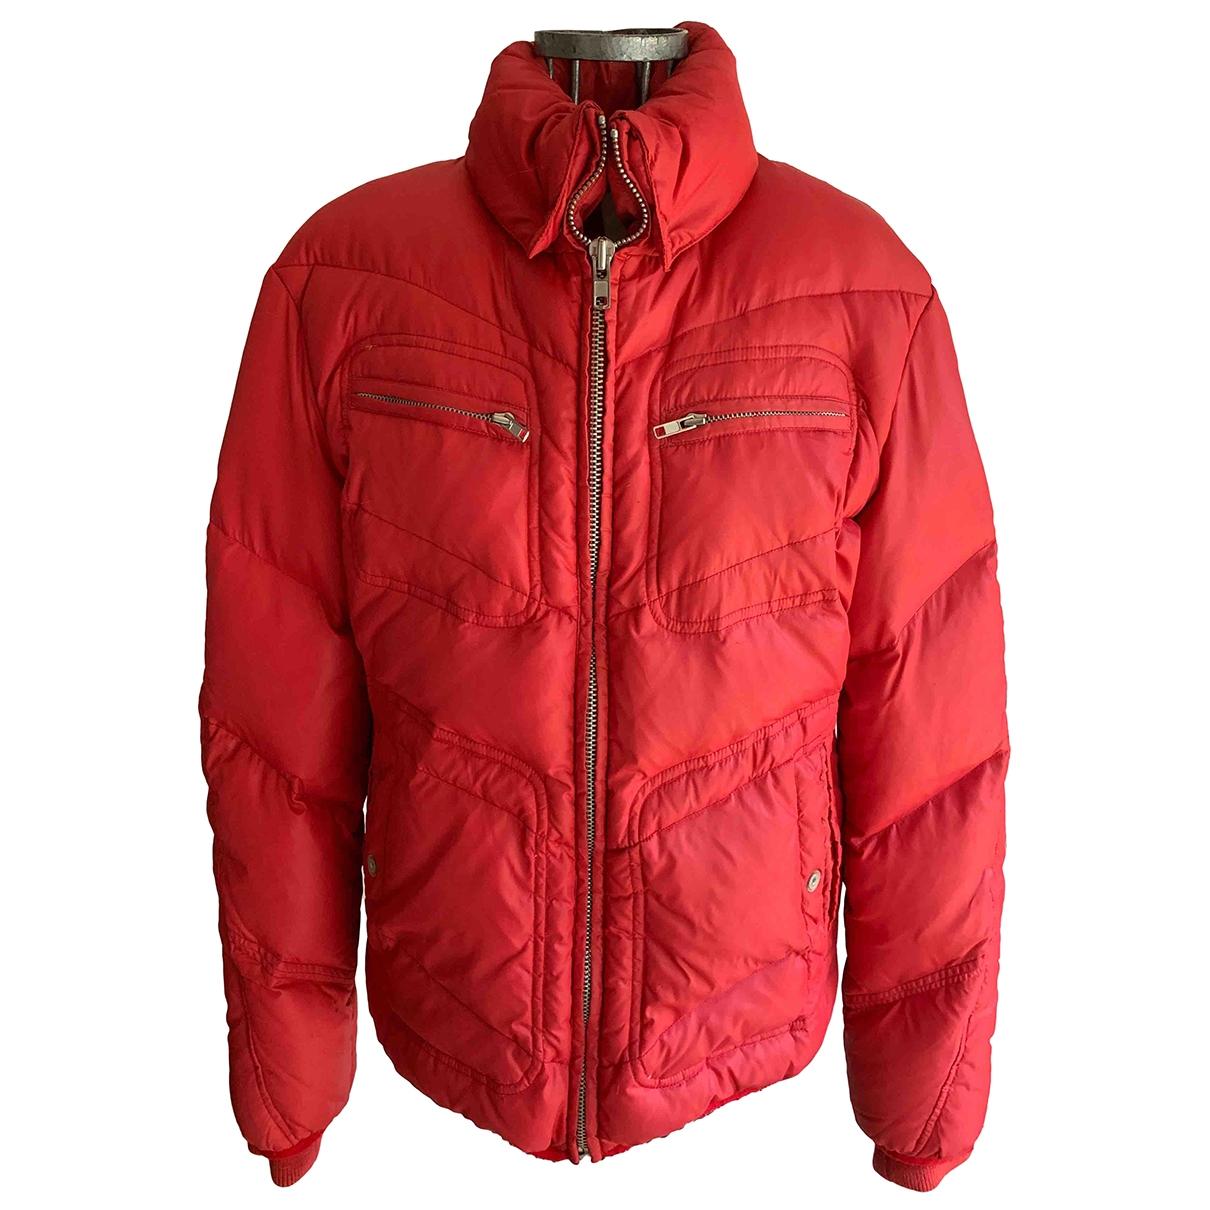 Diesel - Manteau   pour homme - rouge